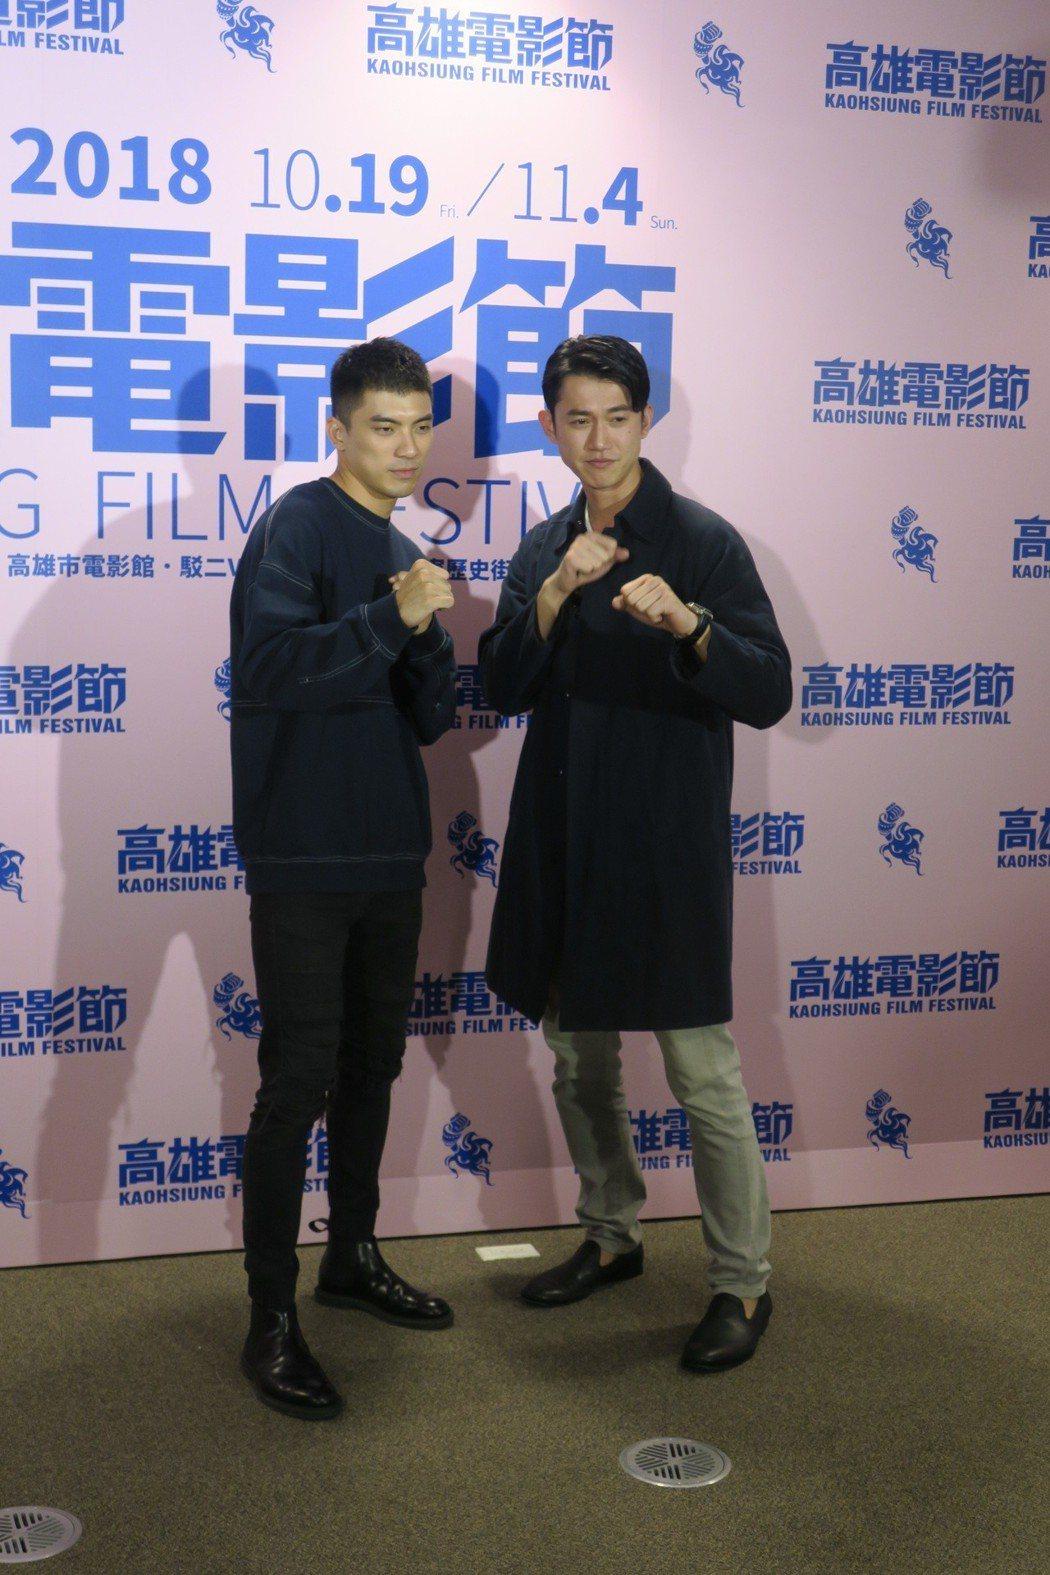 林哲熹(左)與吳慷仁在「狂徒」有不少打戲,現場擺出姿勢有模有樣。記者蘇詠智/攝影